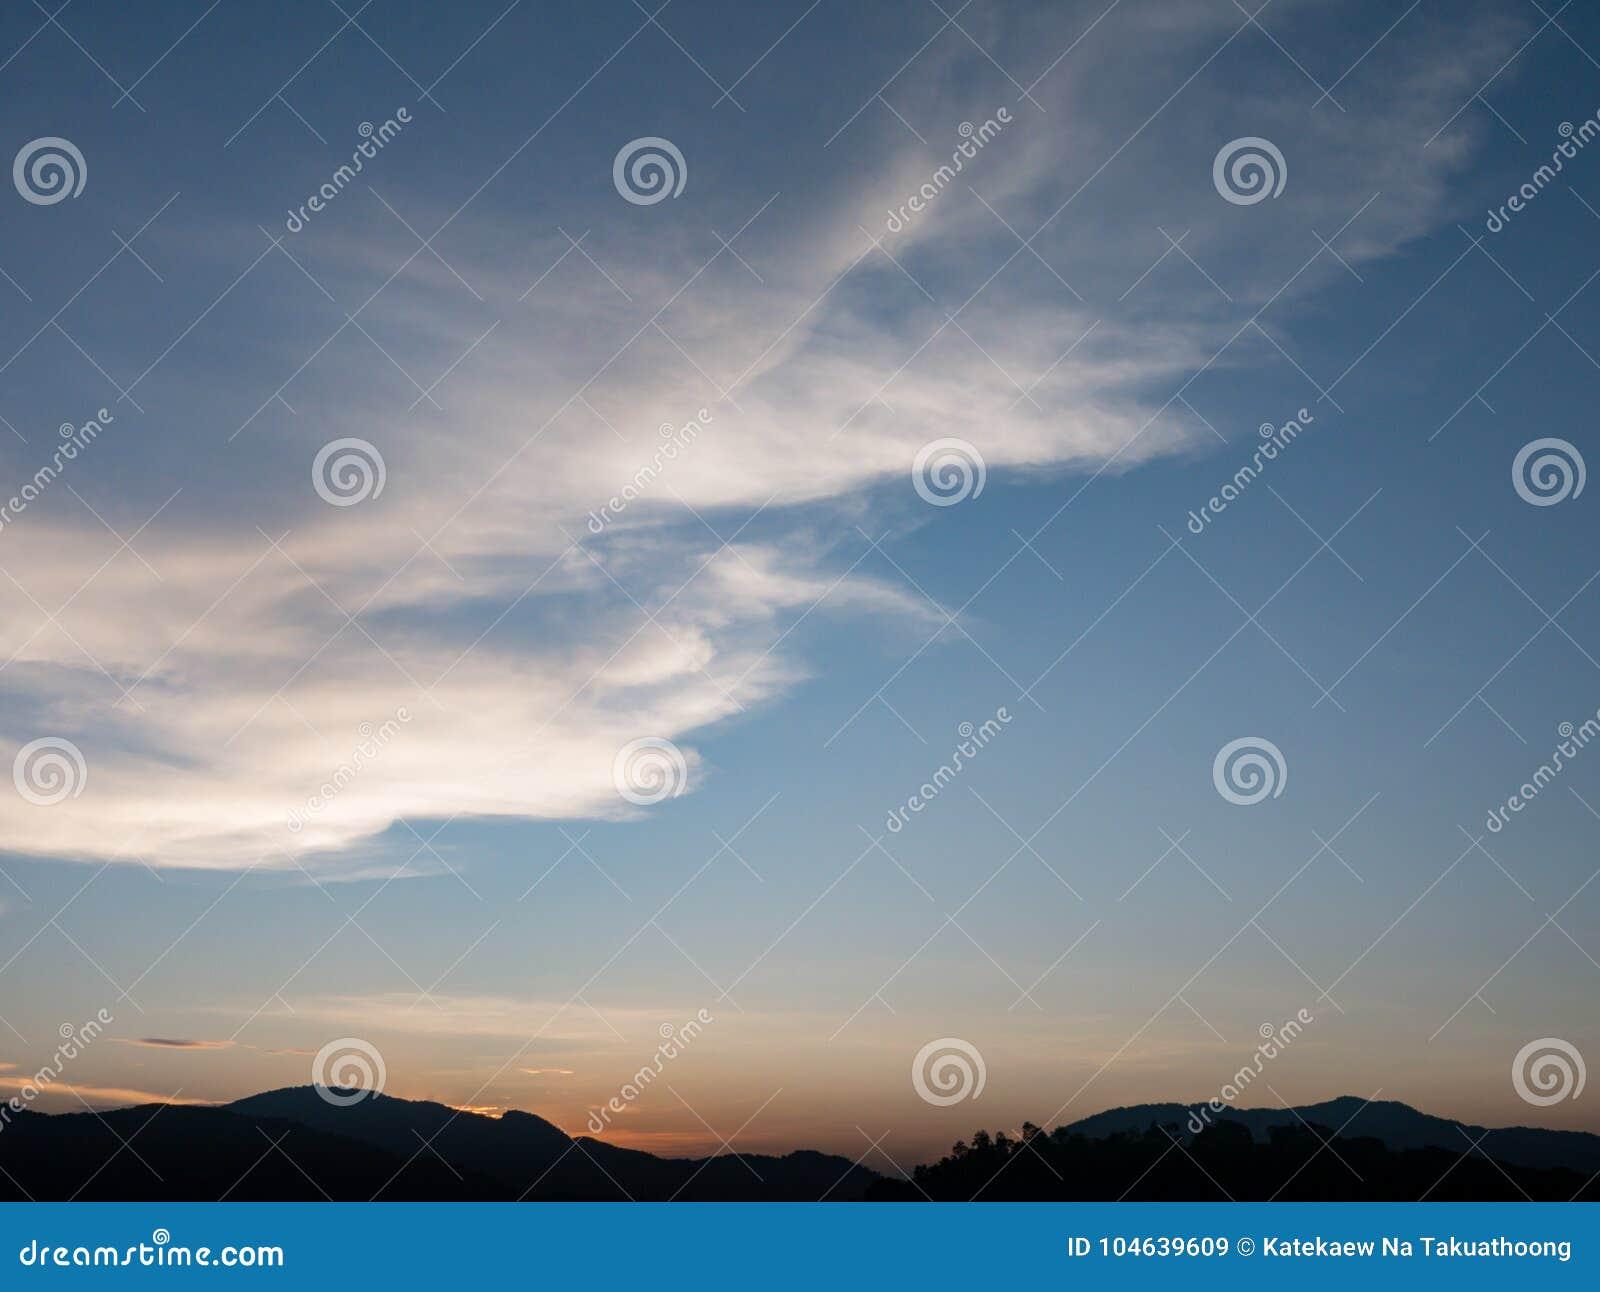 Download Mooie Blauwe Hemel Met Bewolkte Berg Als Achtergrond En Silhouet Stock Afbeelding - Afbeelding bestaande uit cloudscape, atmosfeer: 104639609